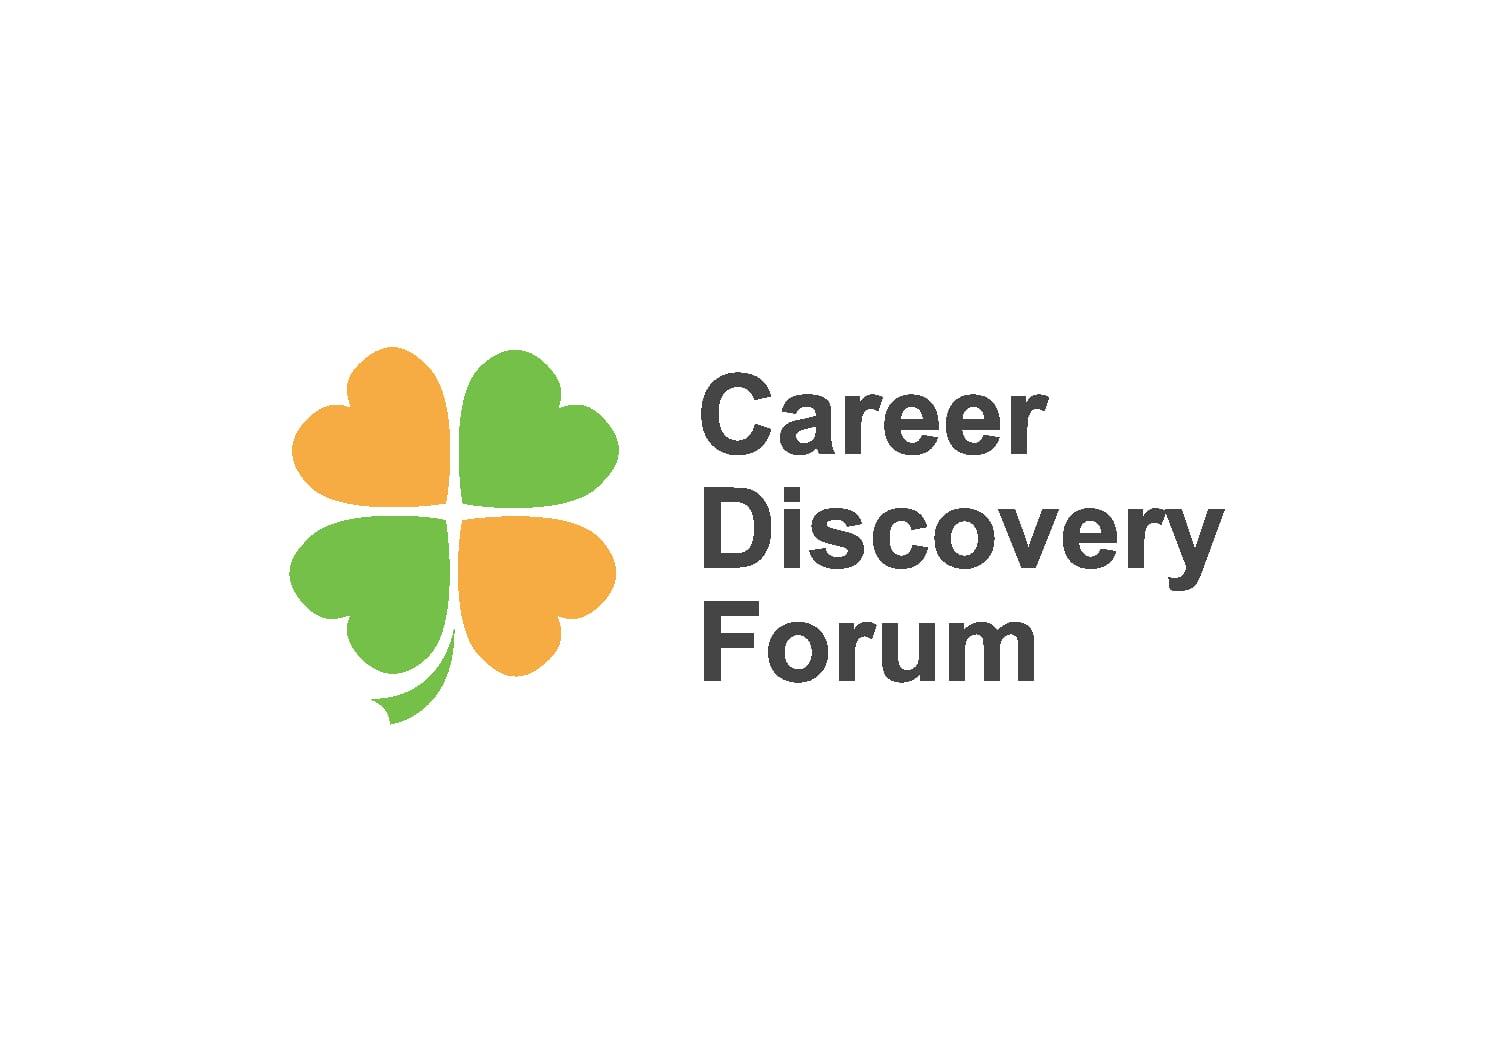 【4/30まで】若手研究者特化型キャリアプログラム早期登録者特典のご案内